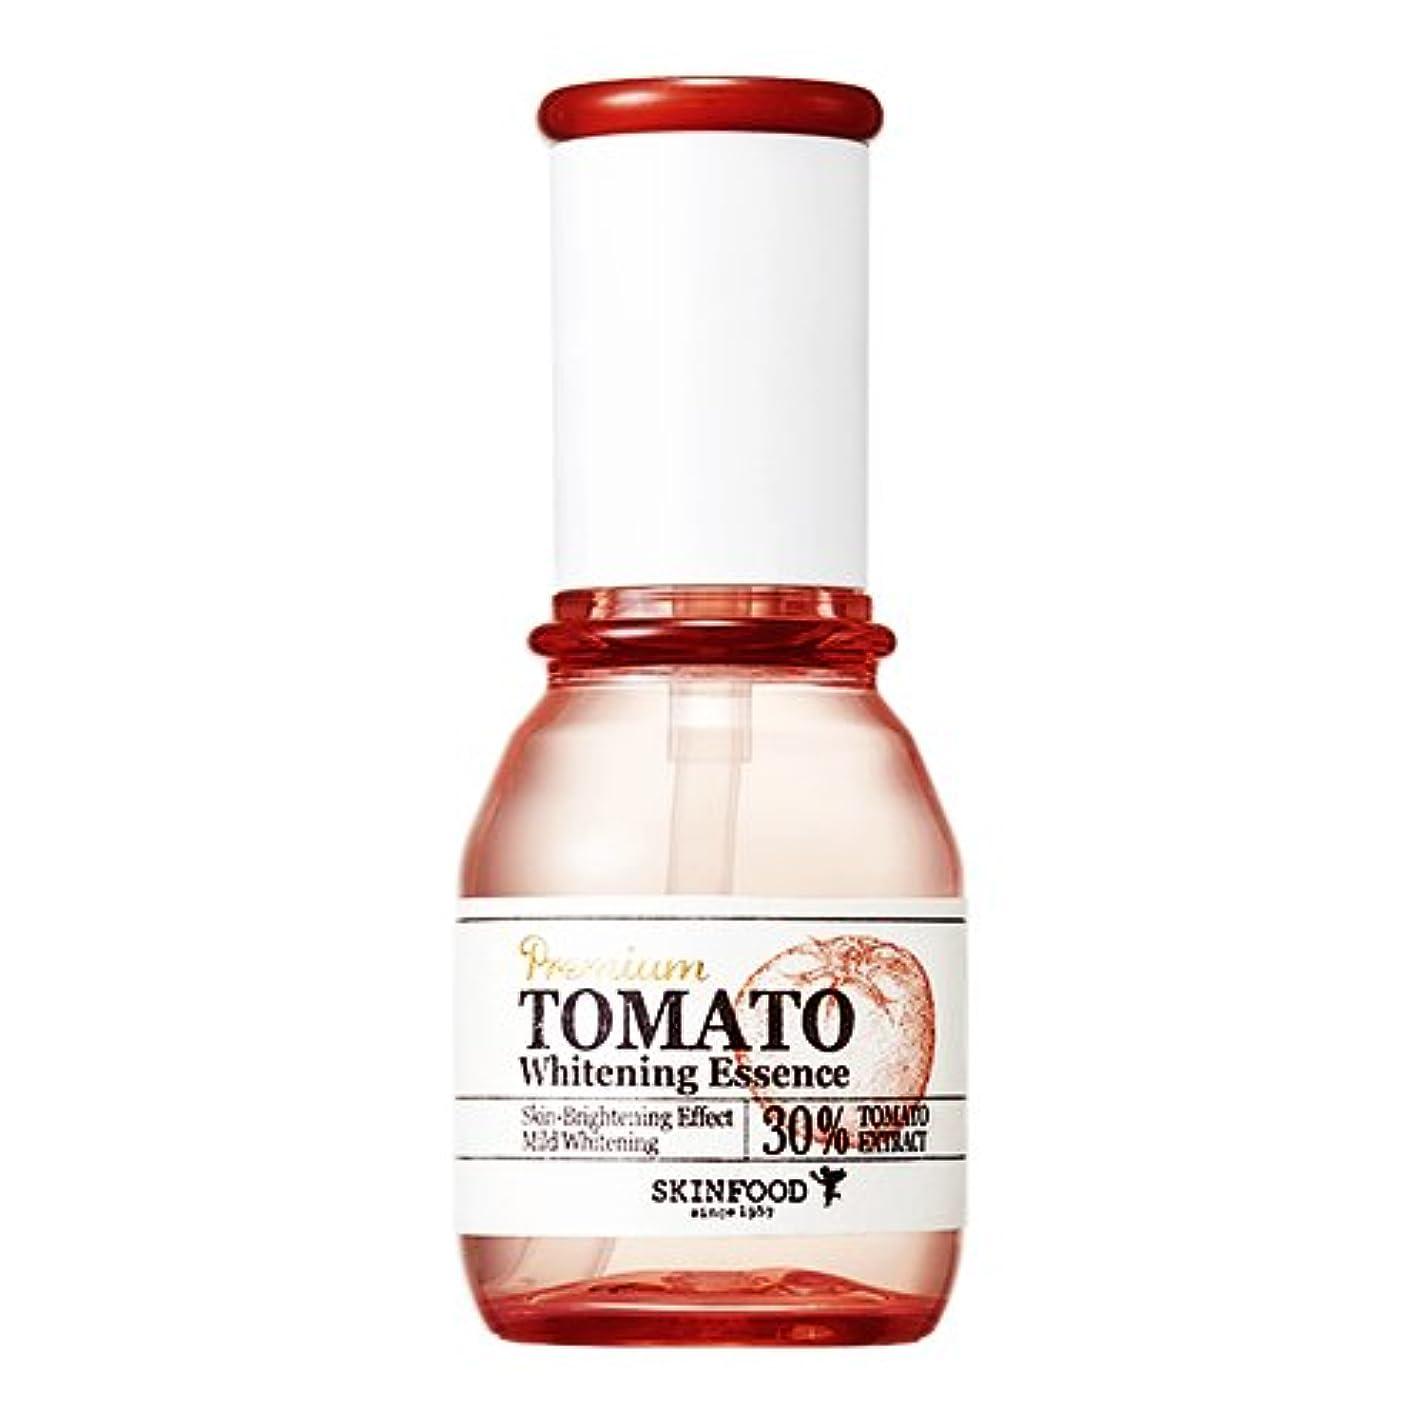 不安定なダンス[スキンフード] SKINFOOD プレミアムトマトホワイトニングエッセンス Premium Tomato Whitening Essence (海外直送品) [並行輸入品]